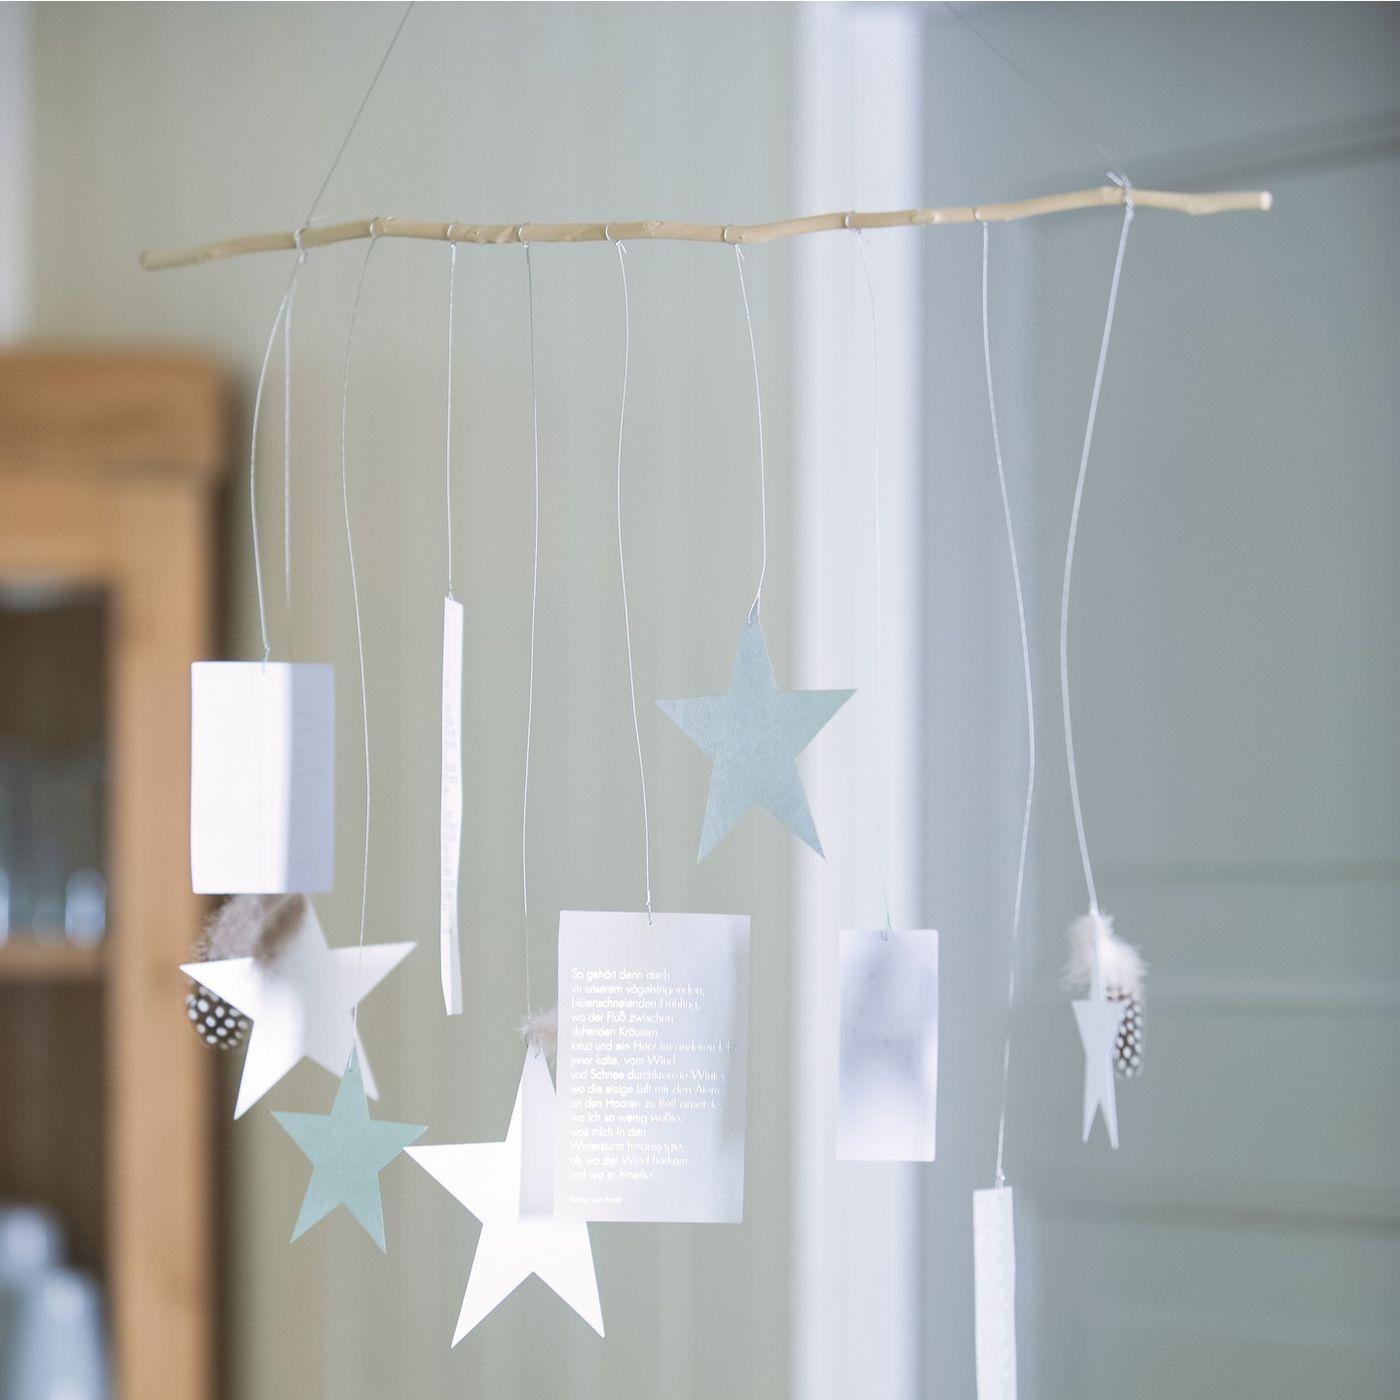 sternenzweig weihnachtsdeko weihnachten im qiero online shop kaufen weihnachtsdeko. Black Bedroom Furniture Sets. Home Design Ideas